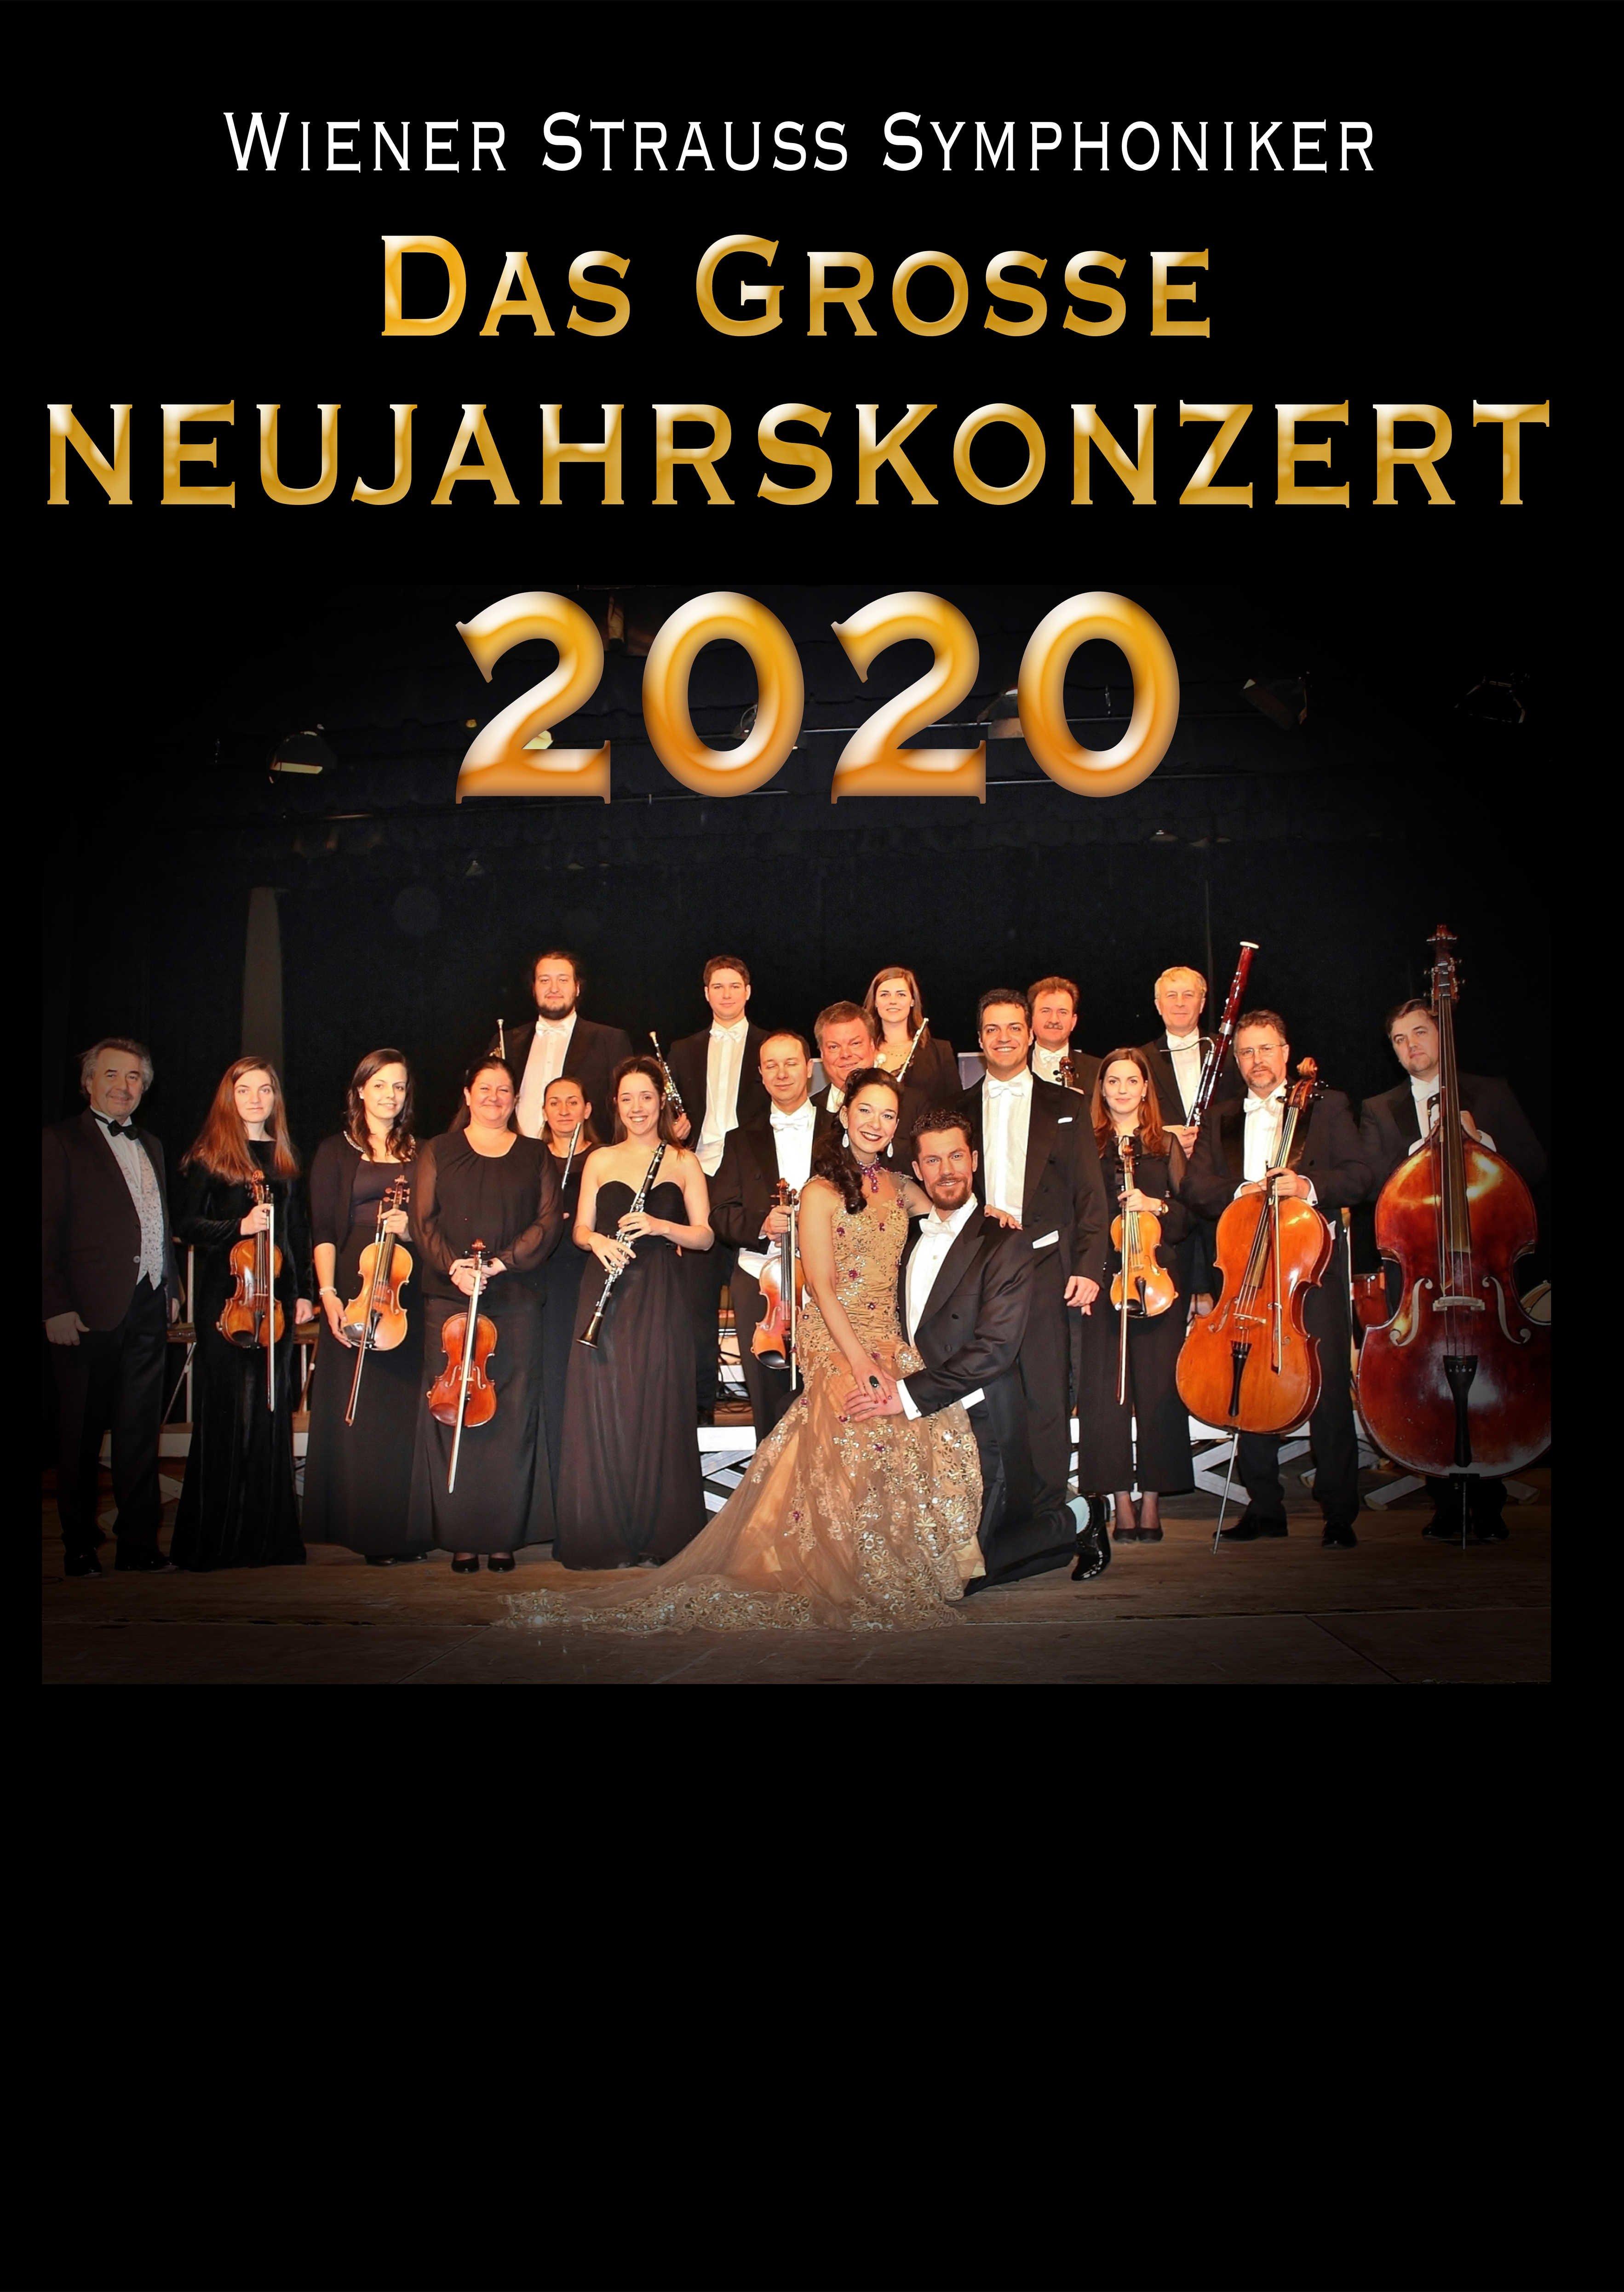 Wiener Strauss Symphoniker